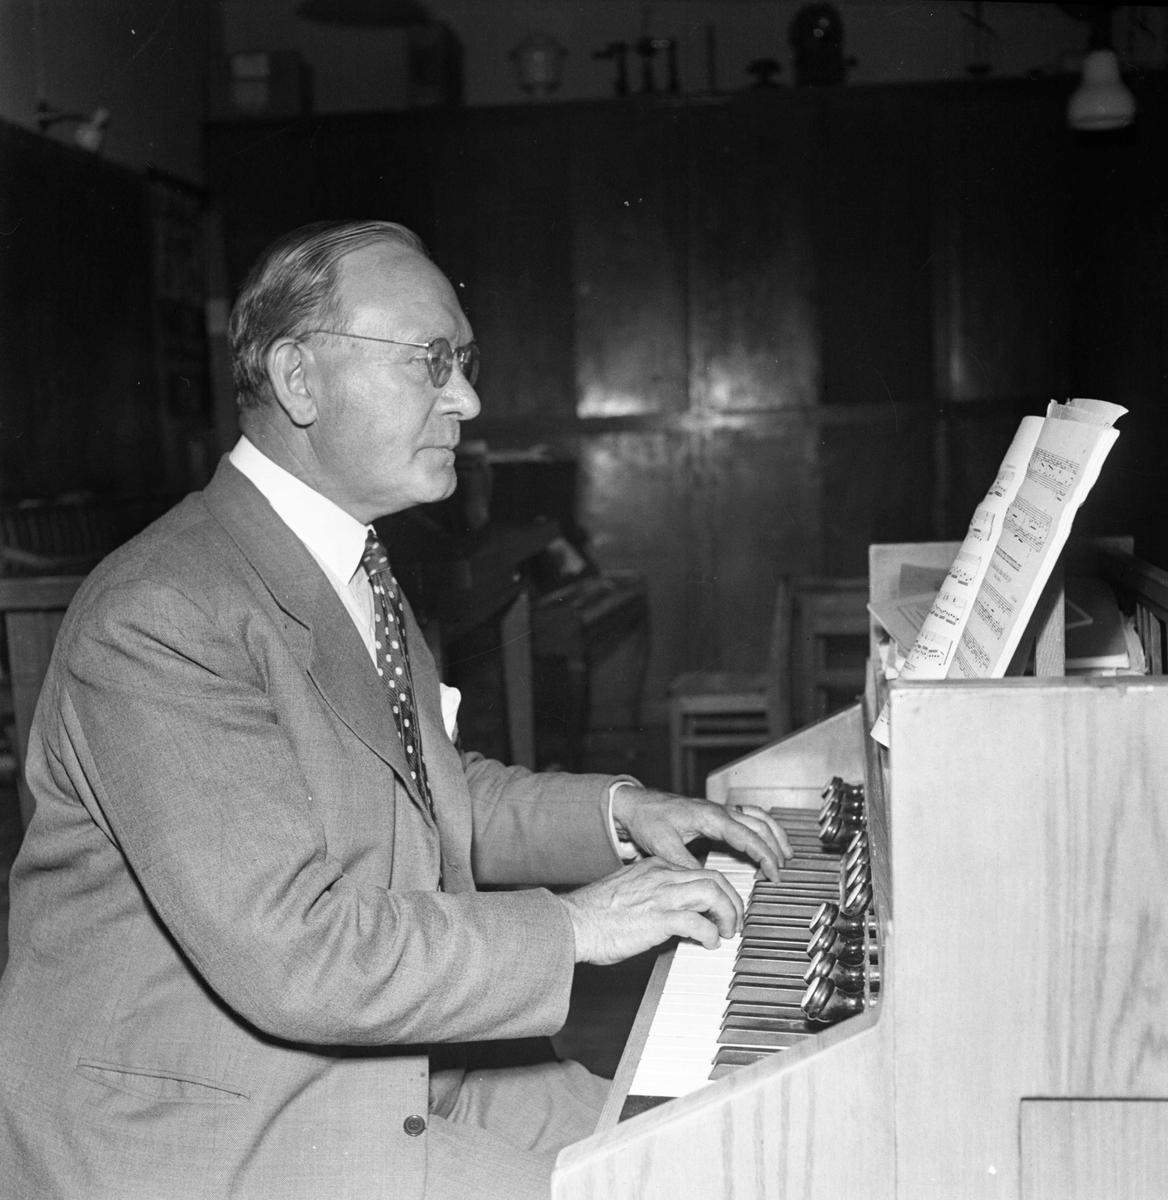 """""""Kantor pensioneras"""",  kantor och folkskollärare Knut Rimmerfeldt, Balingsta, Uppland 1954"""